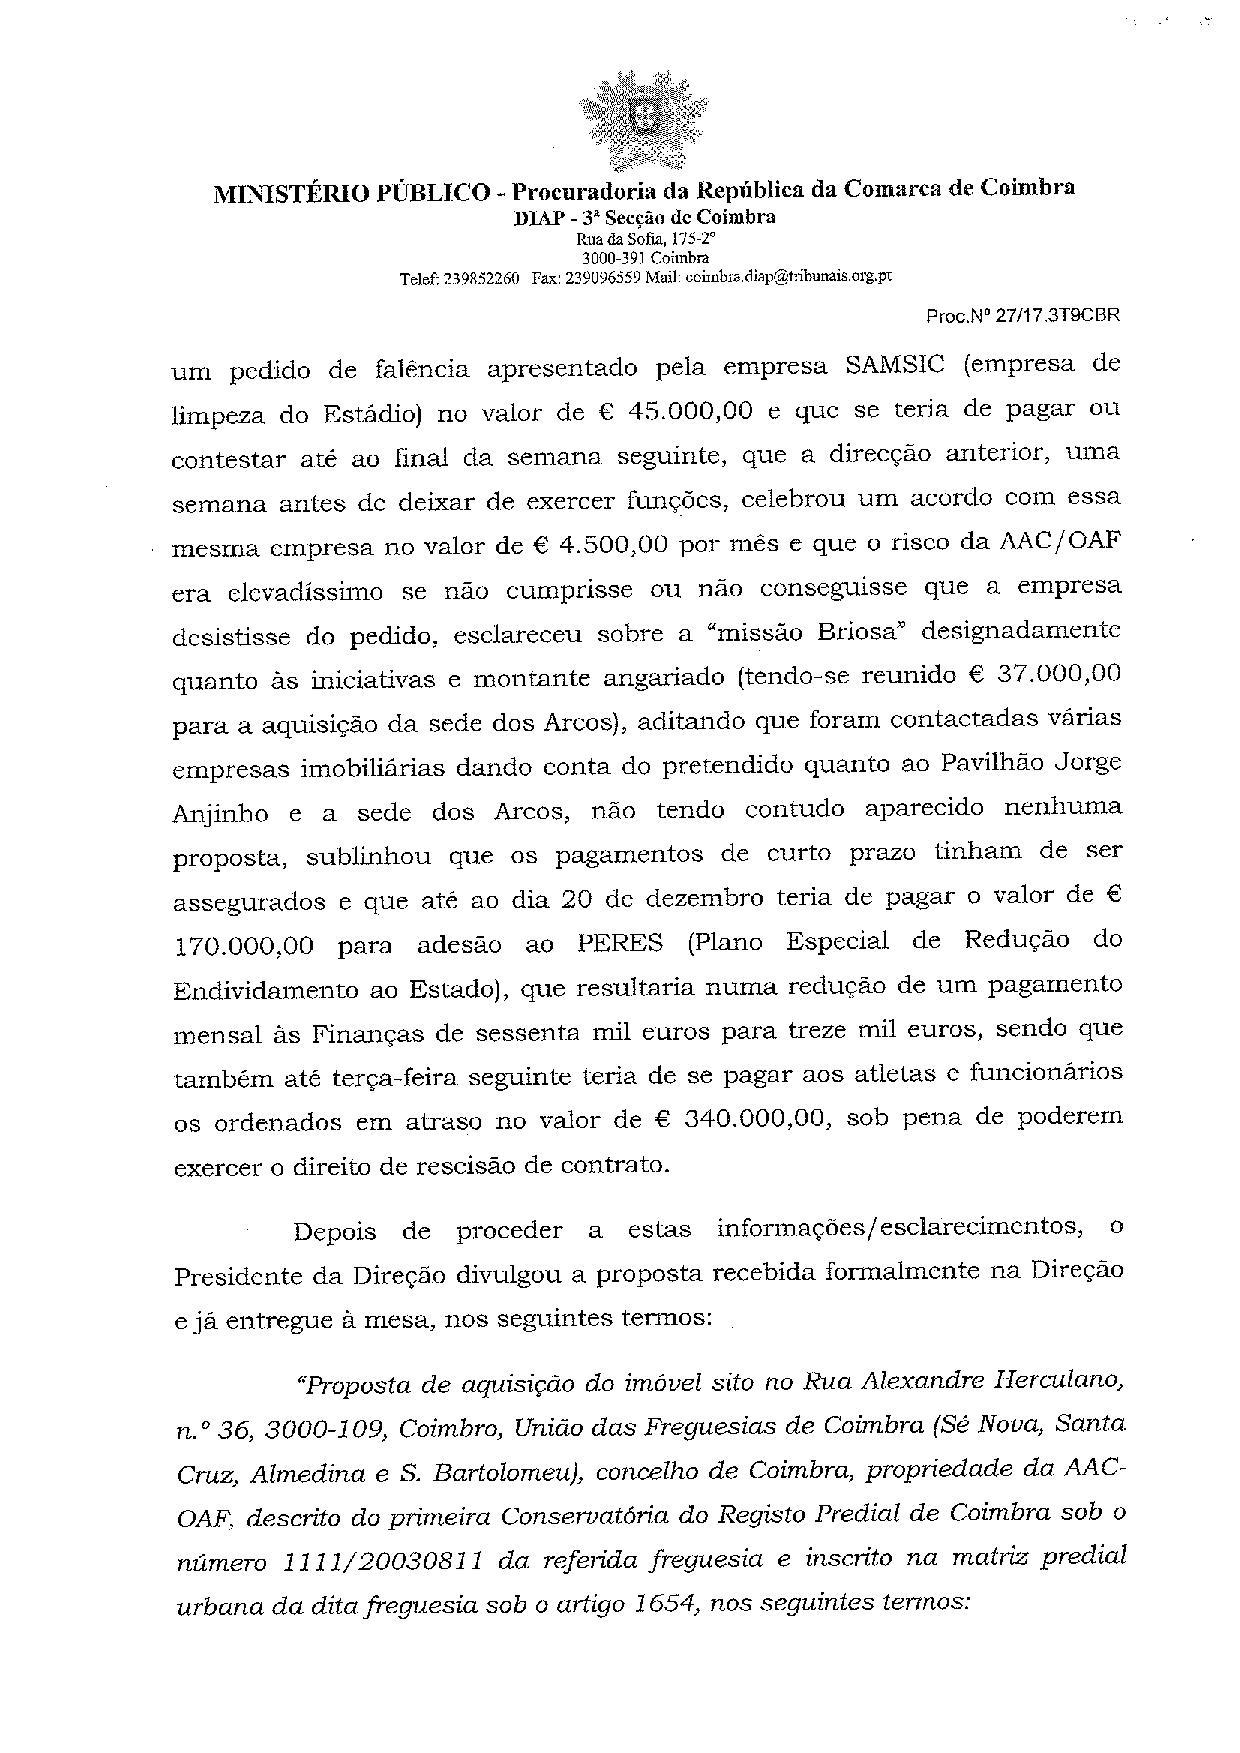 ACA-page-011